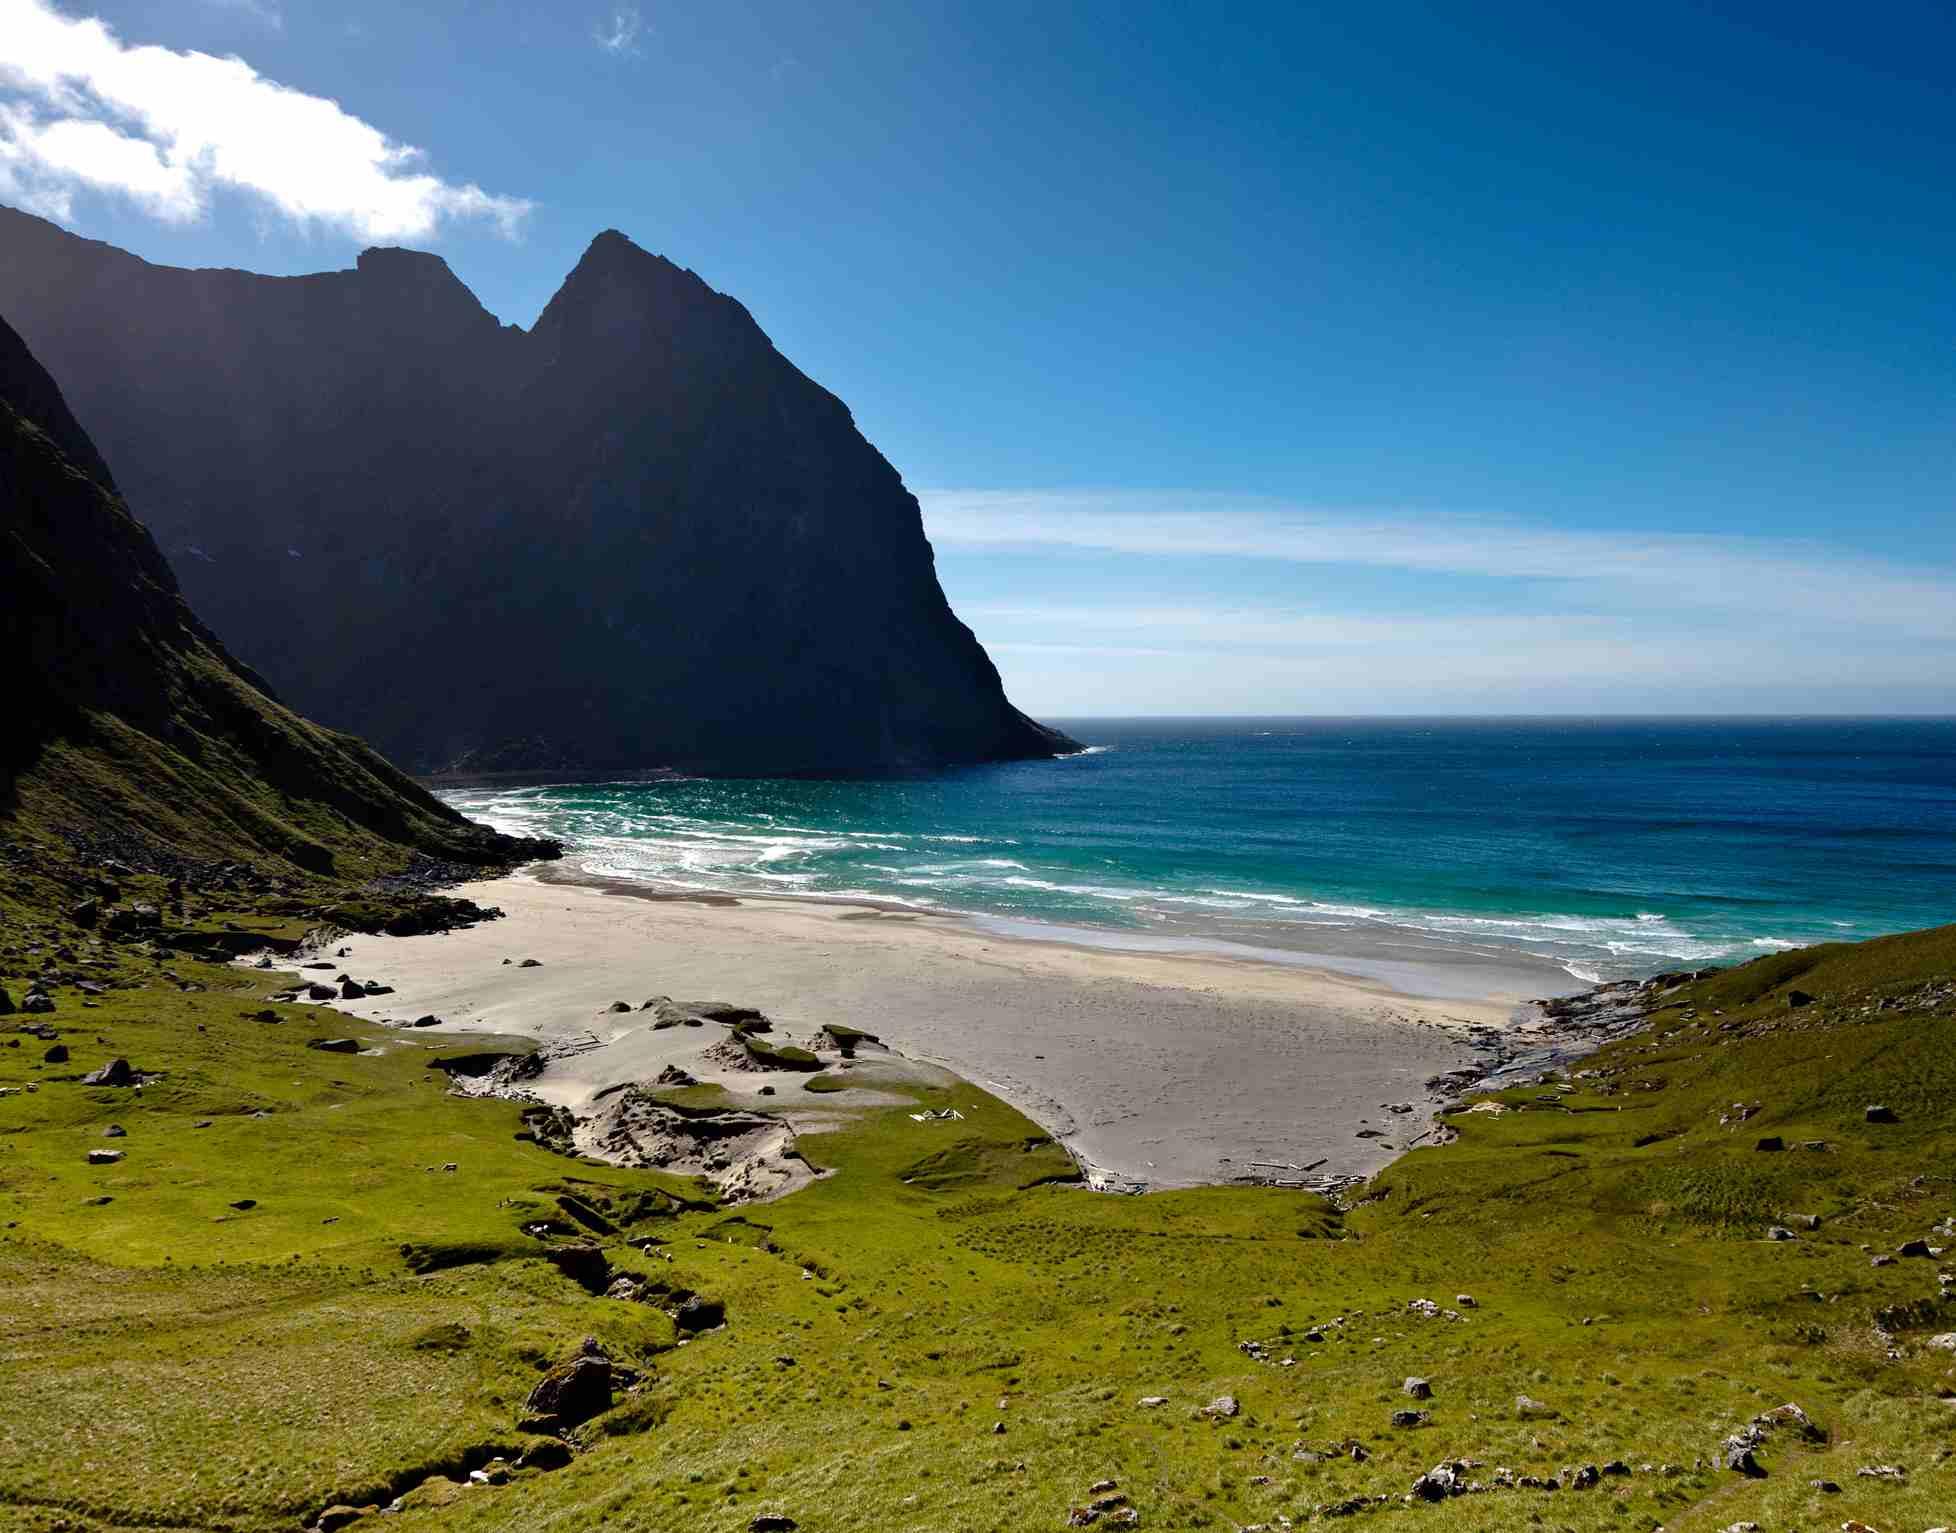 Kvalvika Beach, Norway